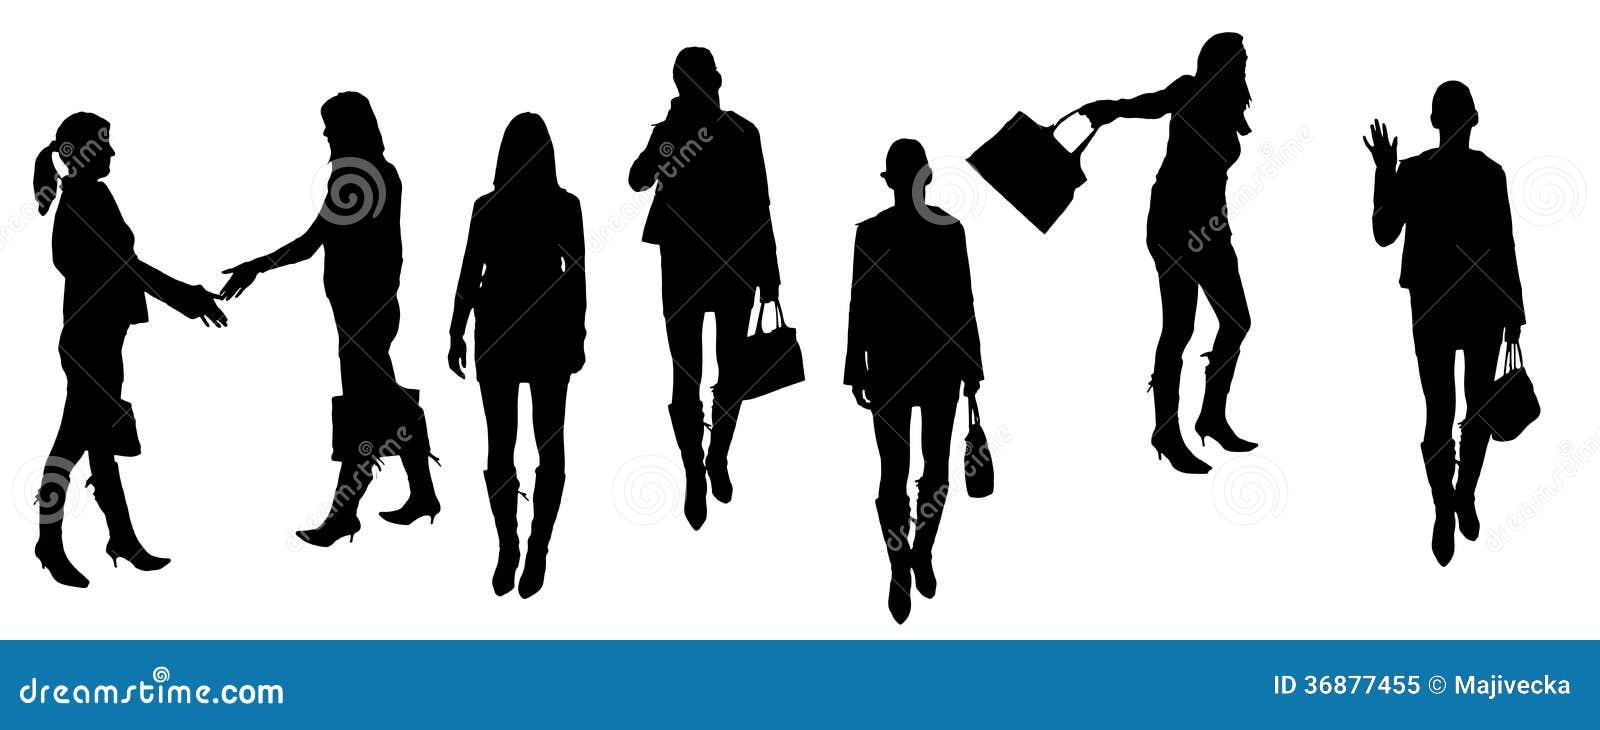 Download Siluette Di Vettore Delle Persone Di Affari Illustrazione Vettoriale - Illustrazione di nero, maschio: 36877455